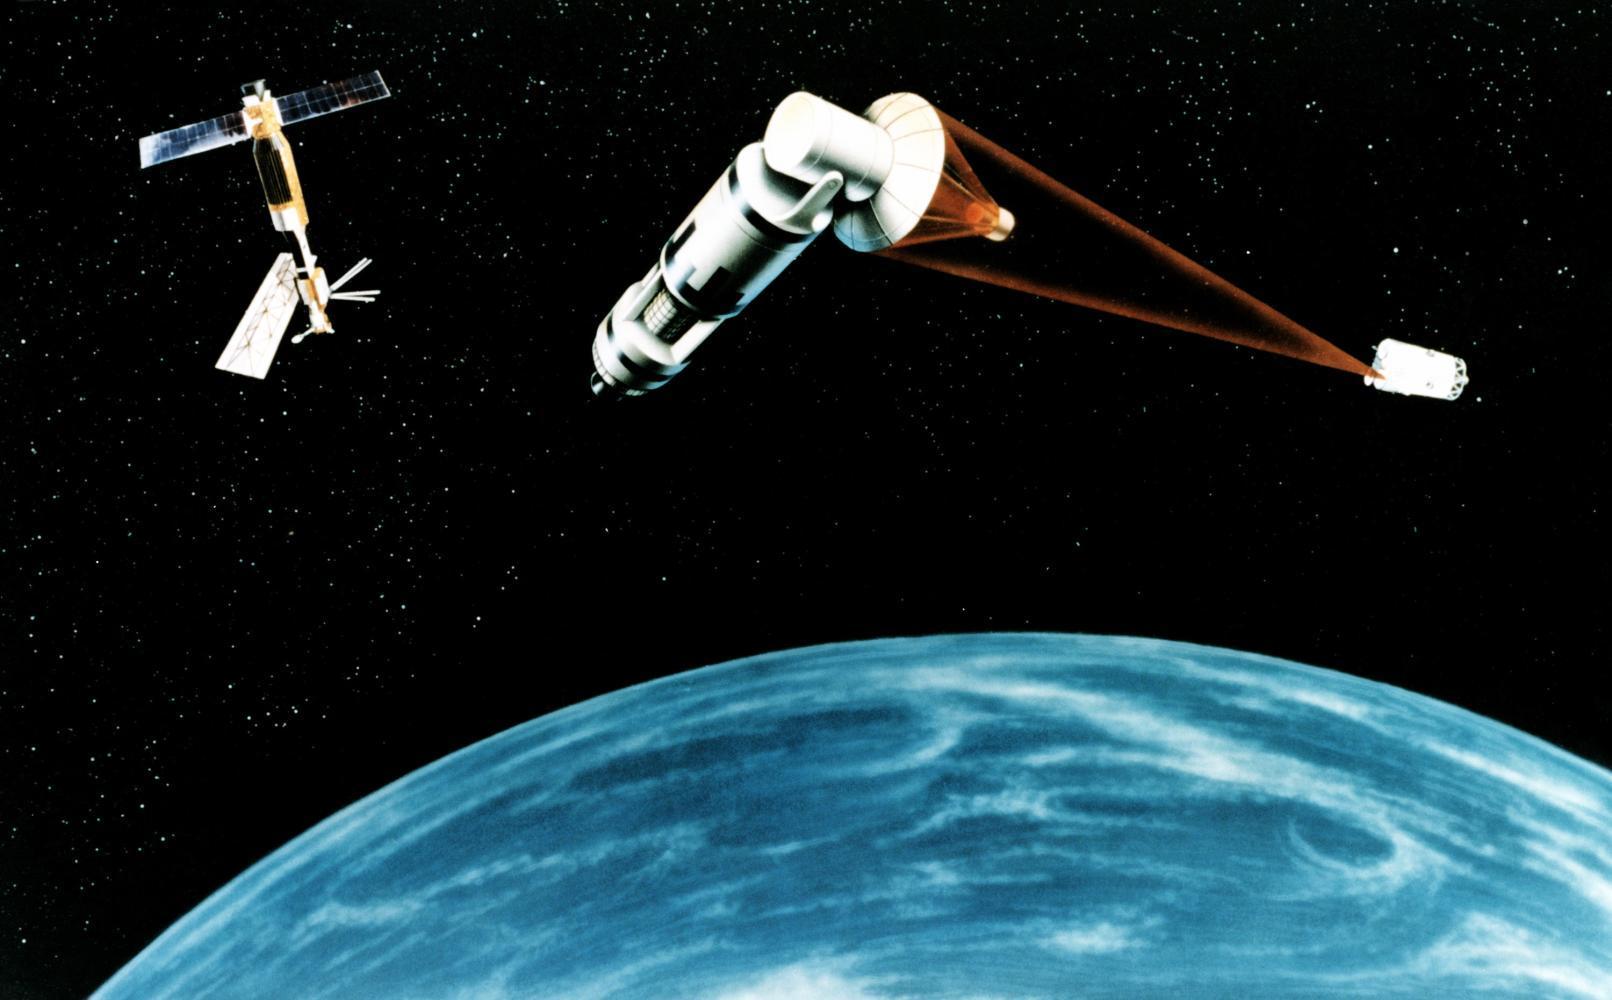 川普提议美军组建太空部队 新版星战计划欲忽悠谁?